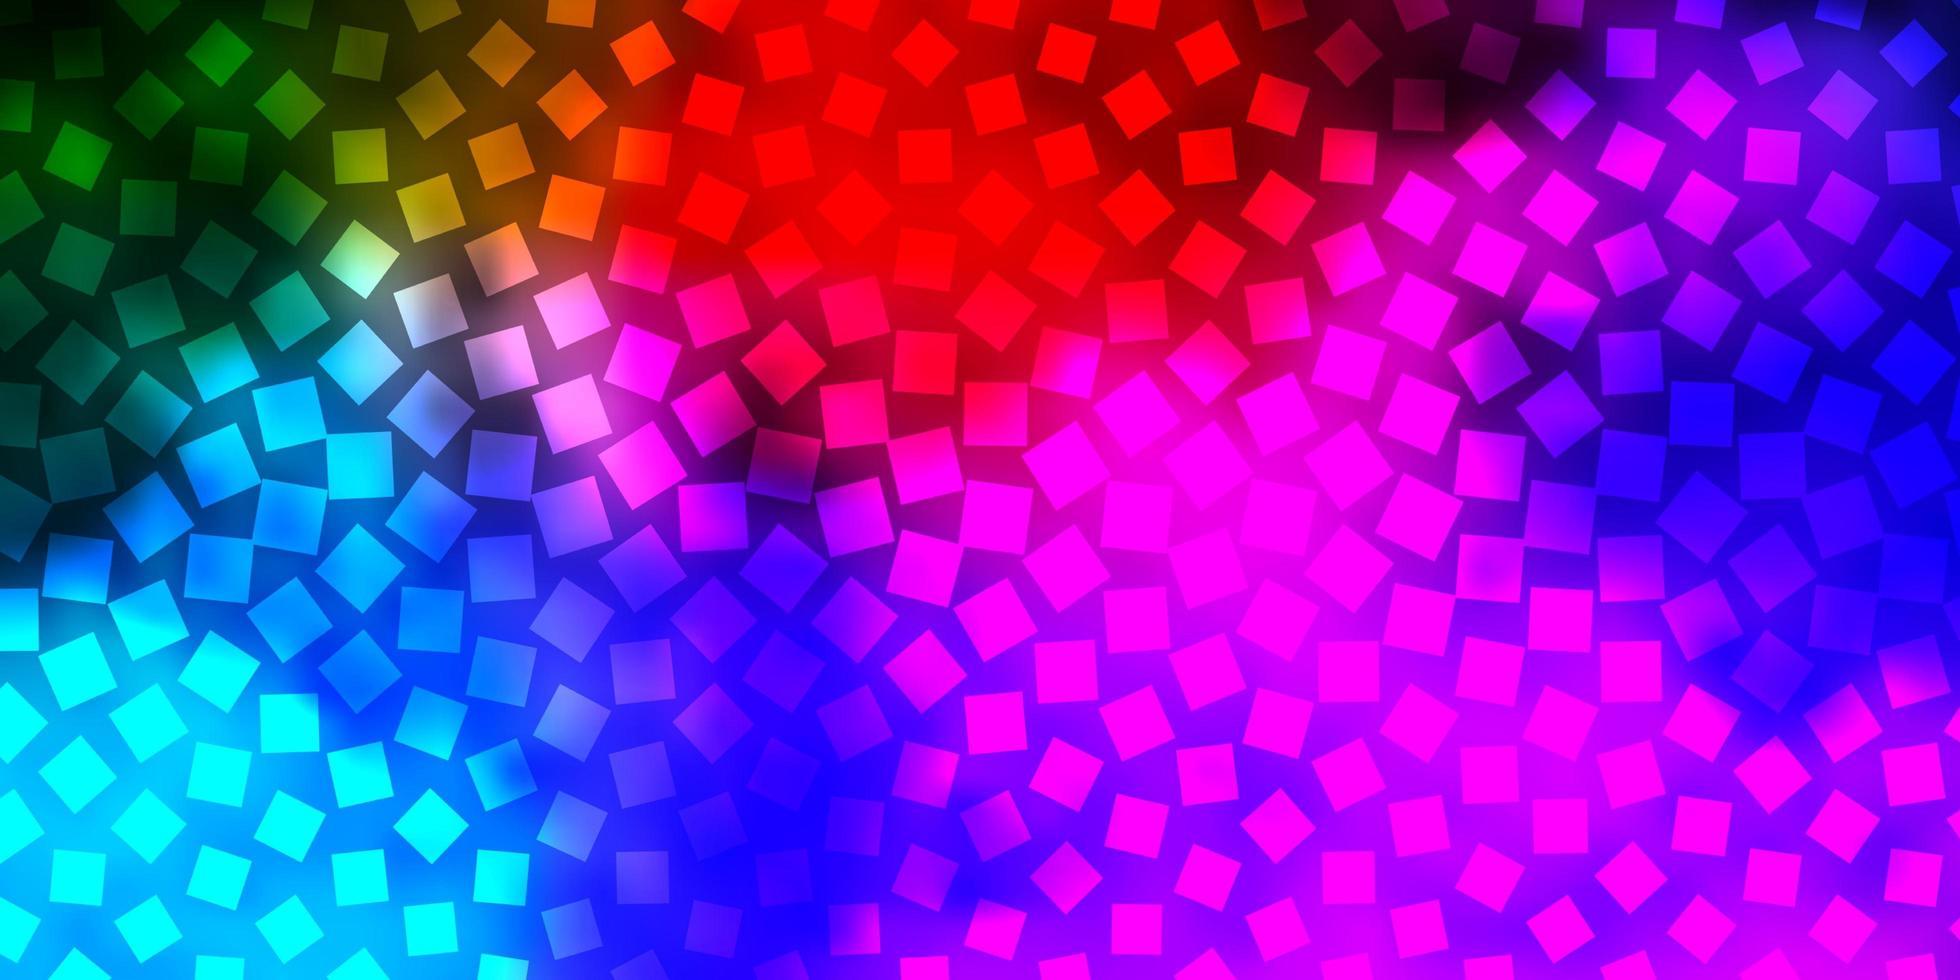 donkere veelkleurige vector sjabloon met rechthoeken.